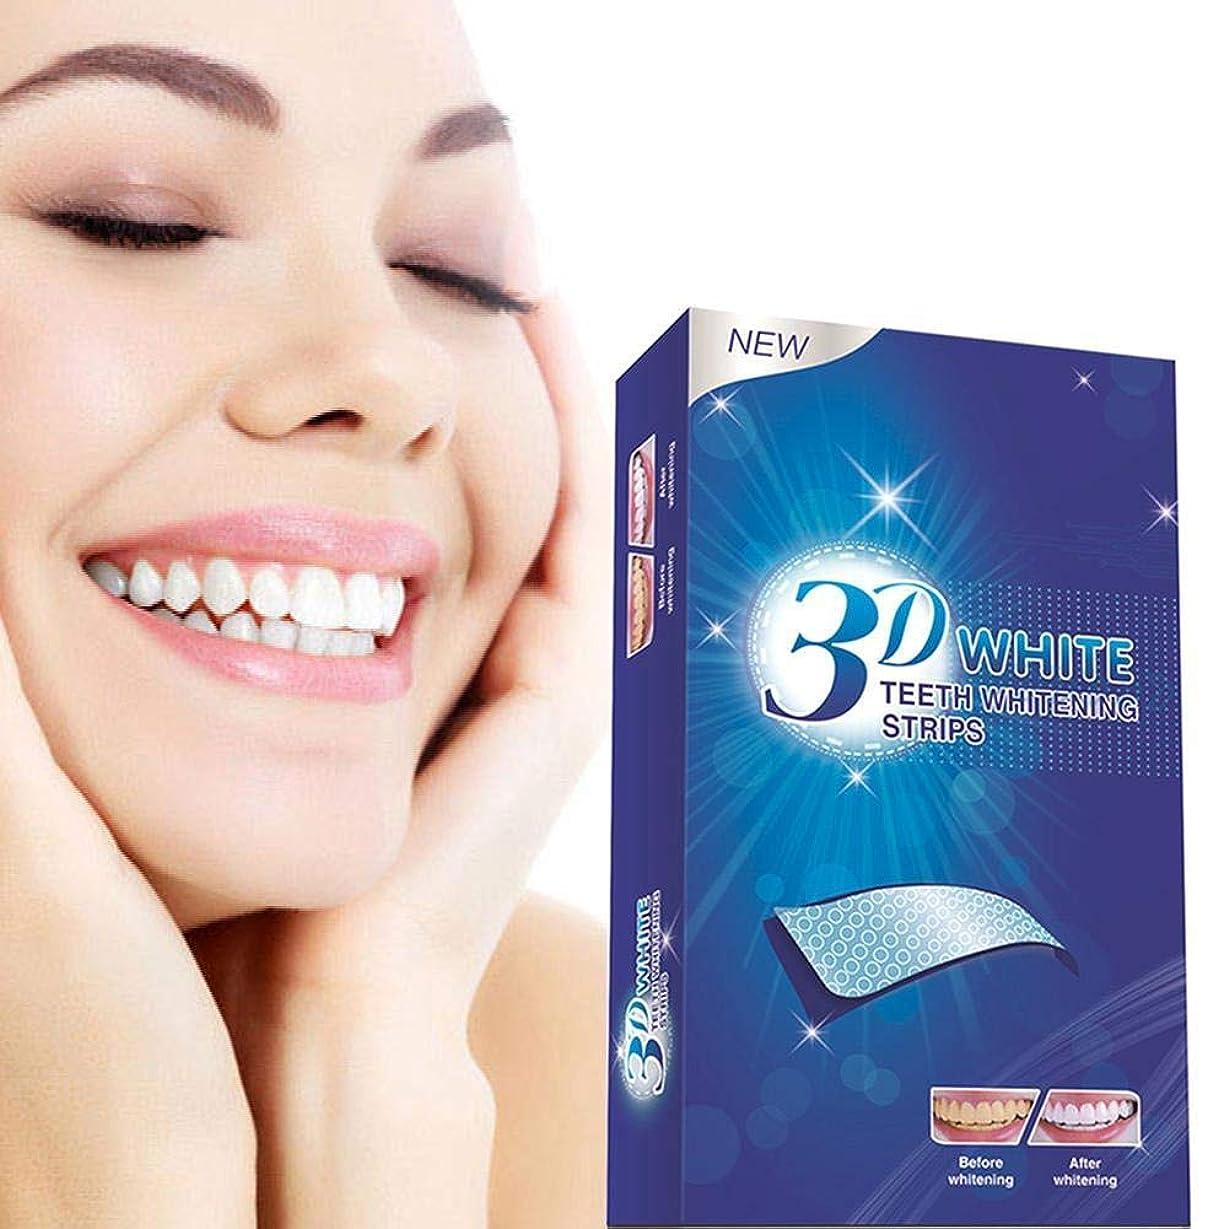 リスキーな消費逆に歯 マニキュア ホワイトニング 歯を漂白 ホワイトニングテープ 歯美白ホワイトニング 歯ケア テープ 歯ケア 歯のホワイトニング 美白歯磨き (14枚)